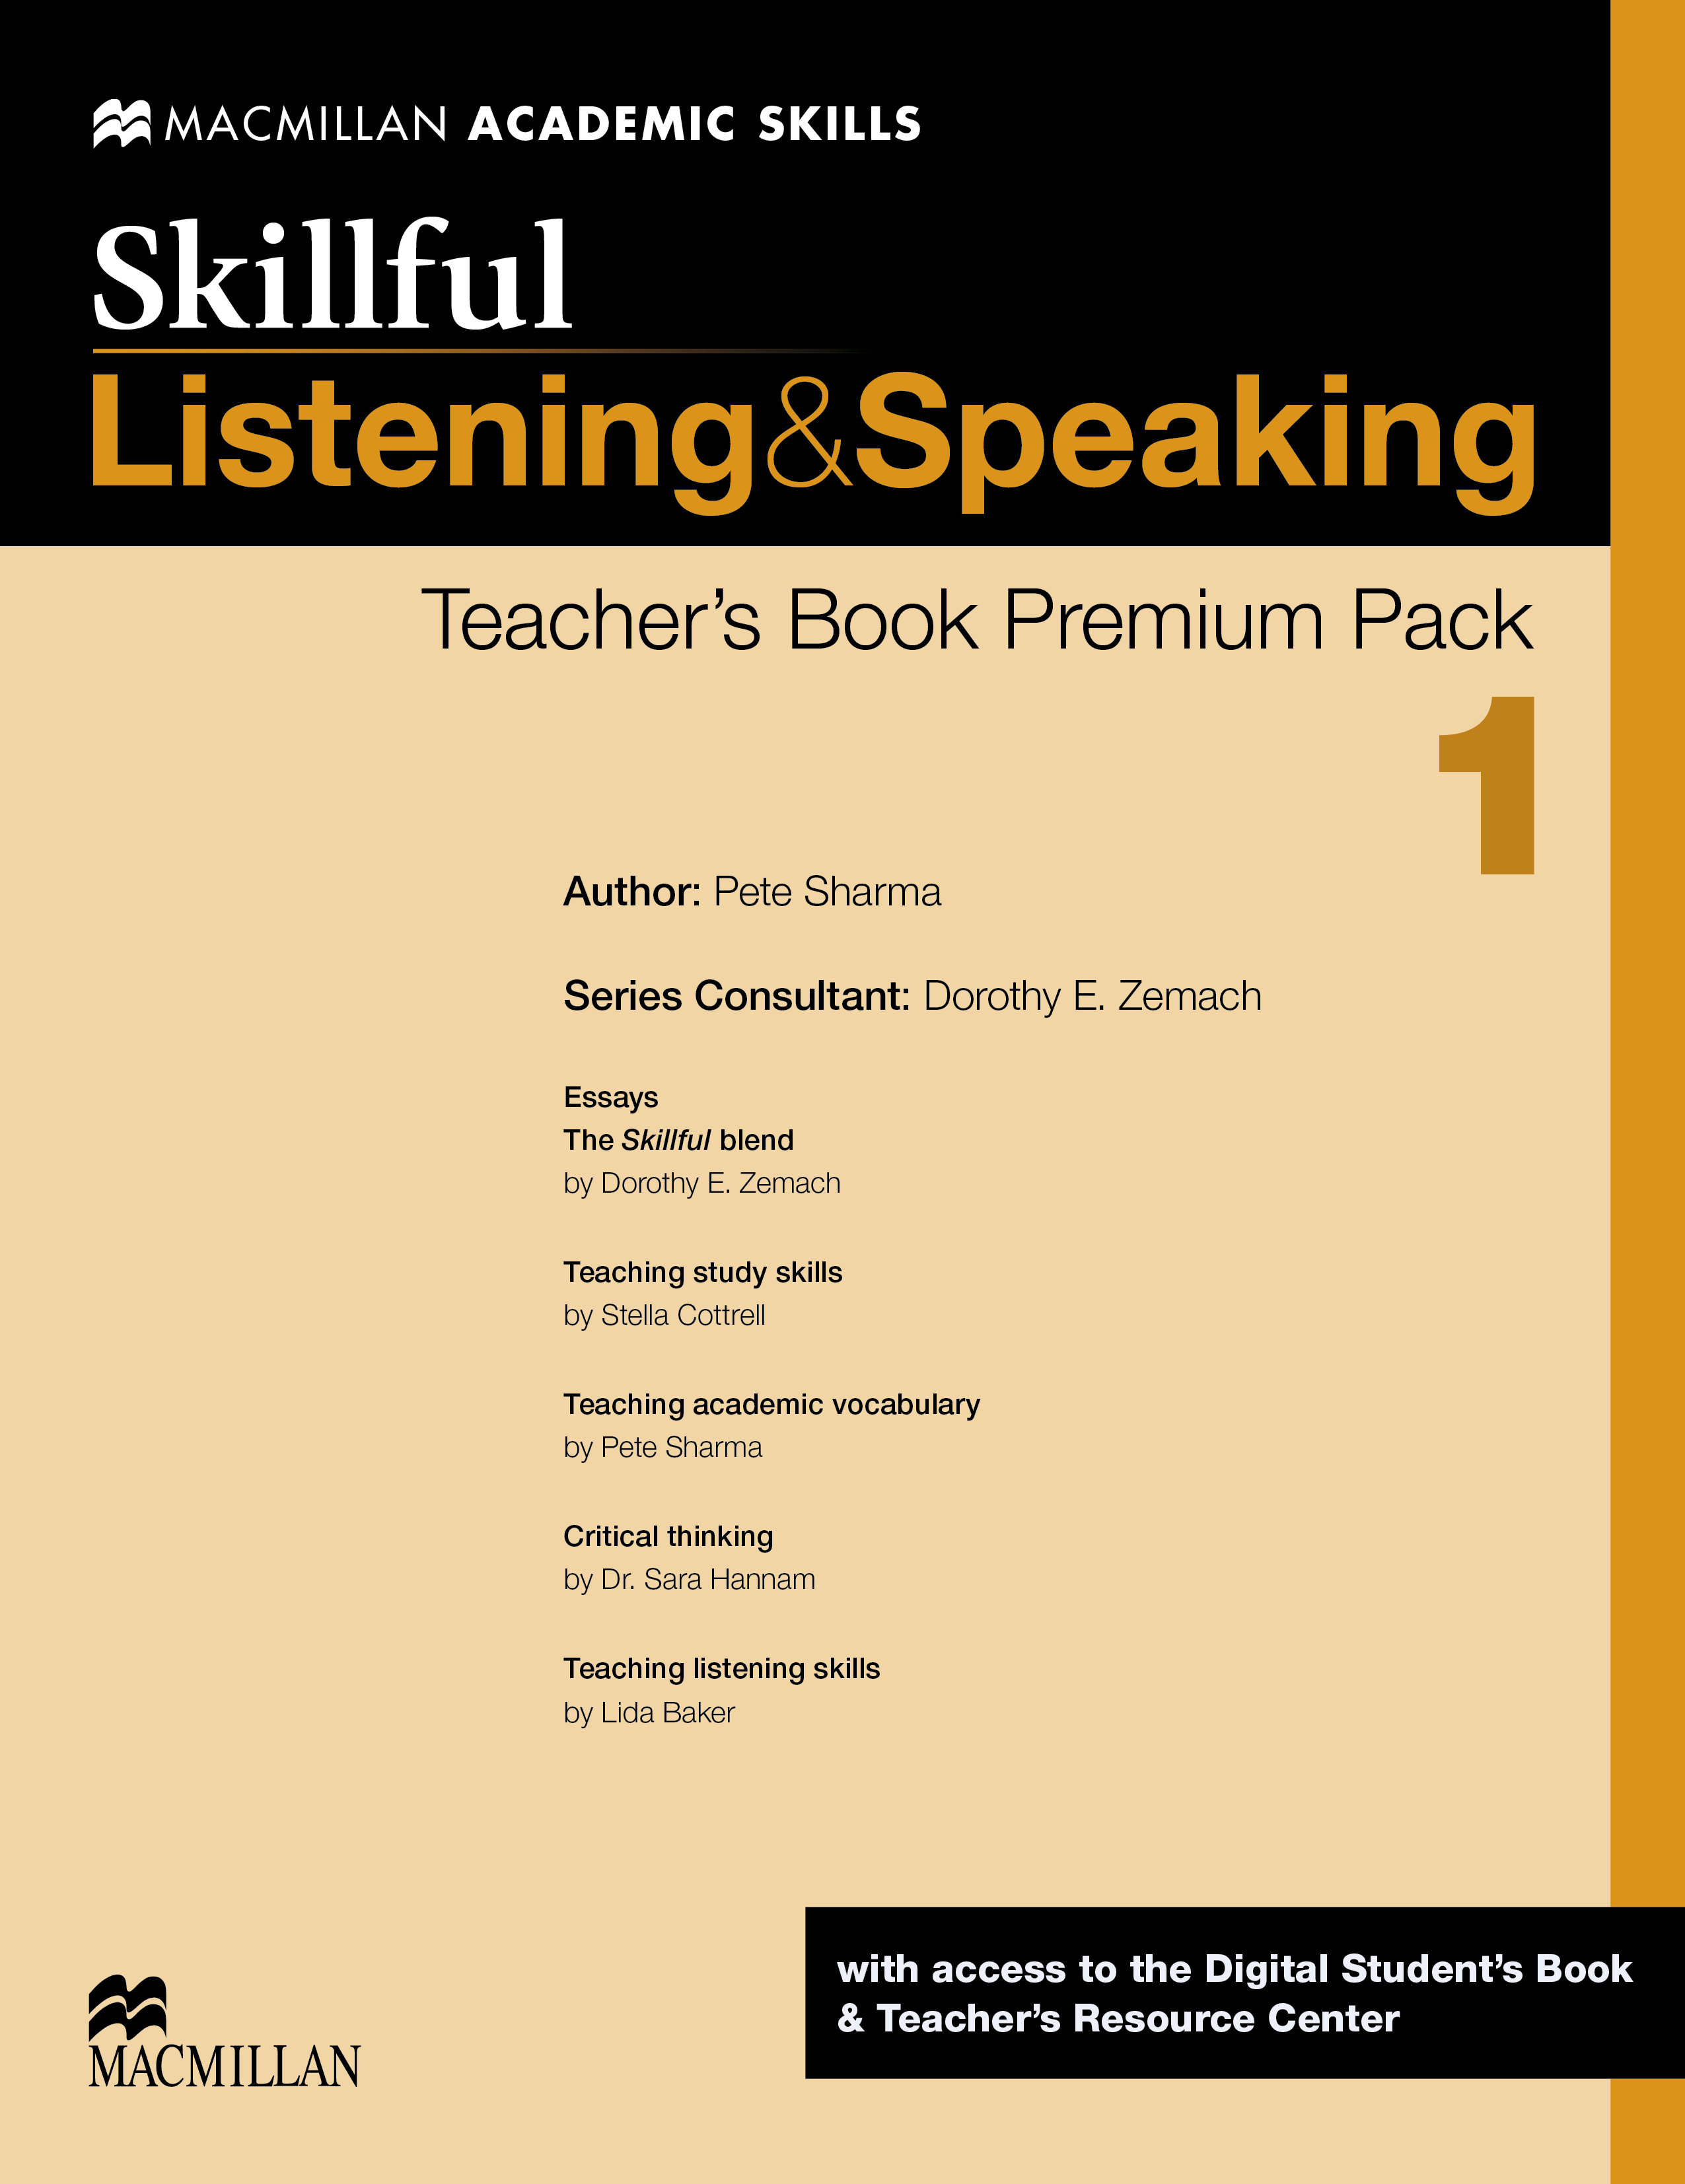 Skillful Level 1 Listening & Speaking Teacher